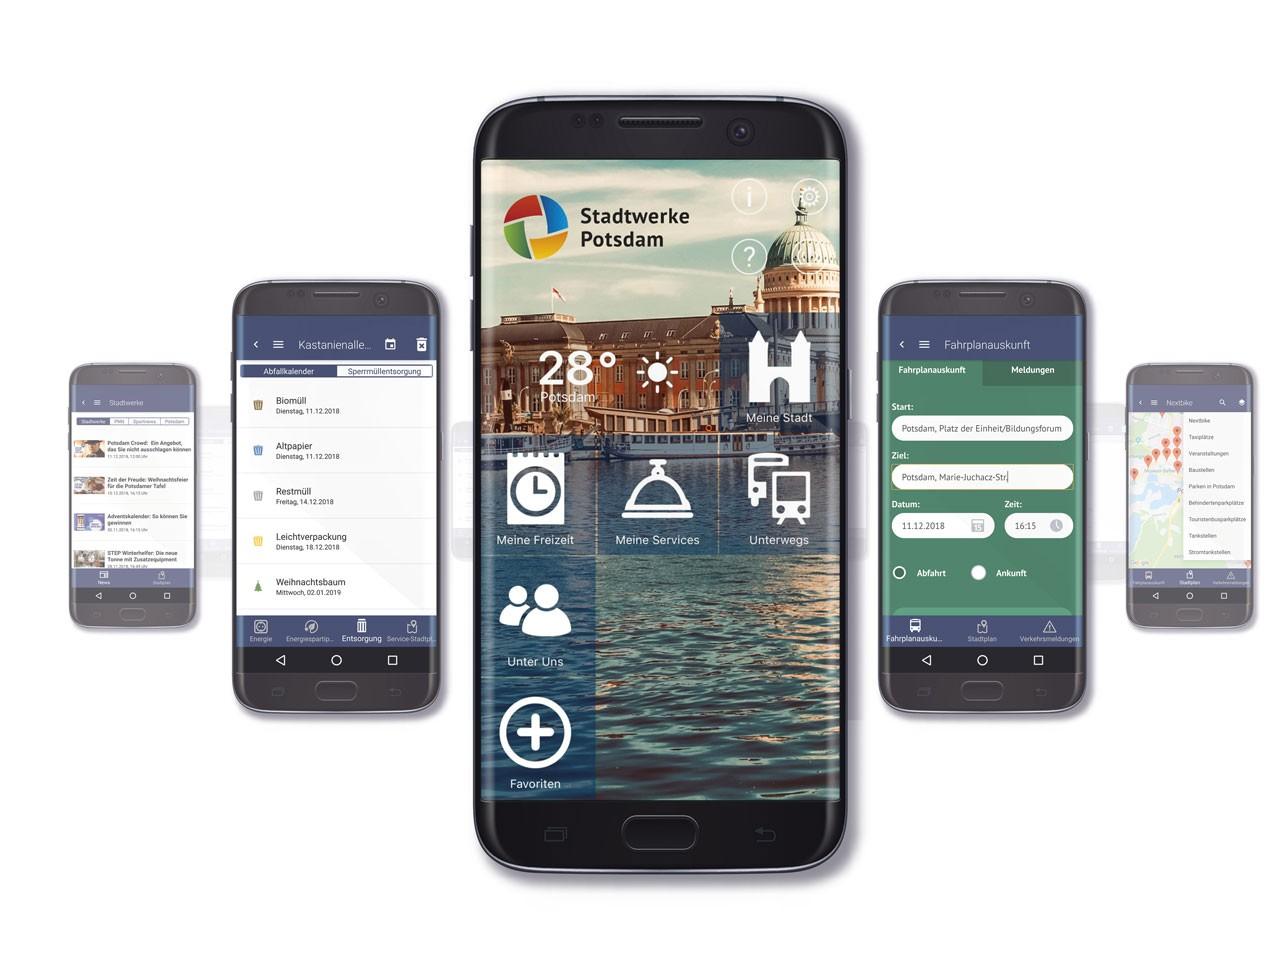 Vorschau der Echt Potsdam App auf dem Smartphone